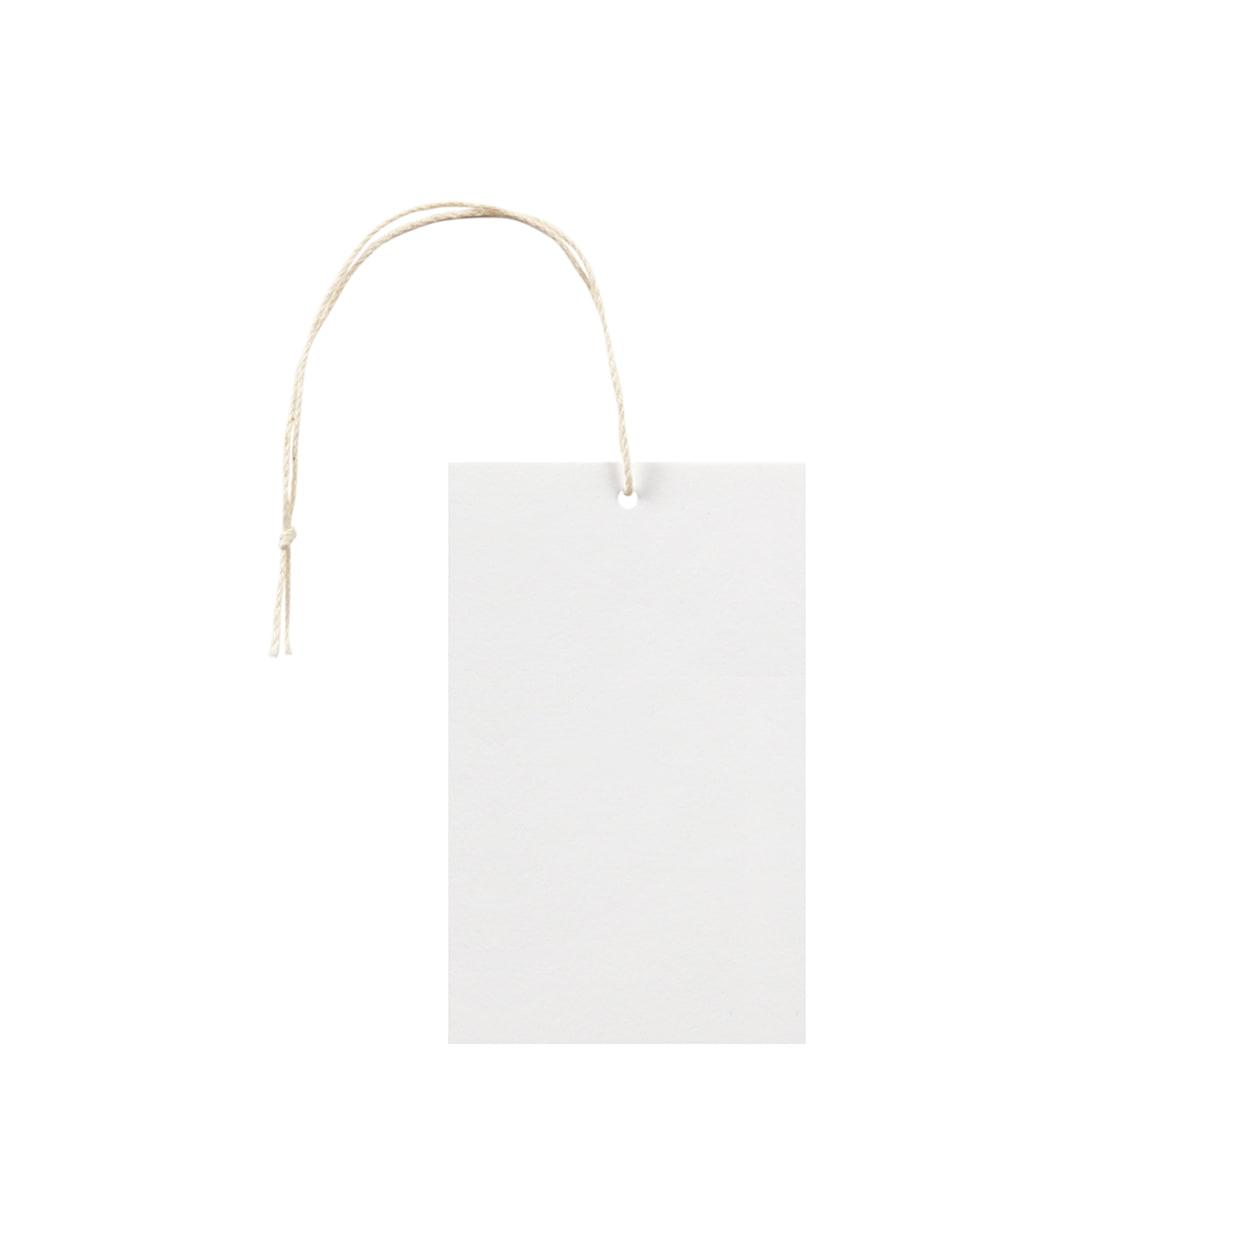 タグ55×90四角形 コットンスノーホワイト 232.8g タグ紐(細)コットン生成